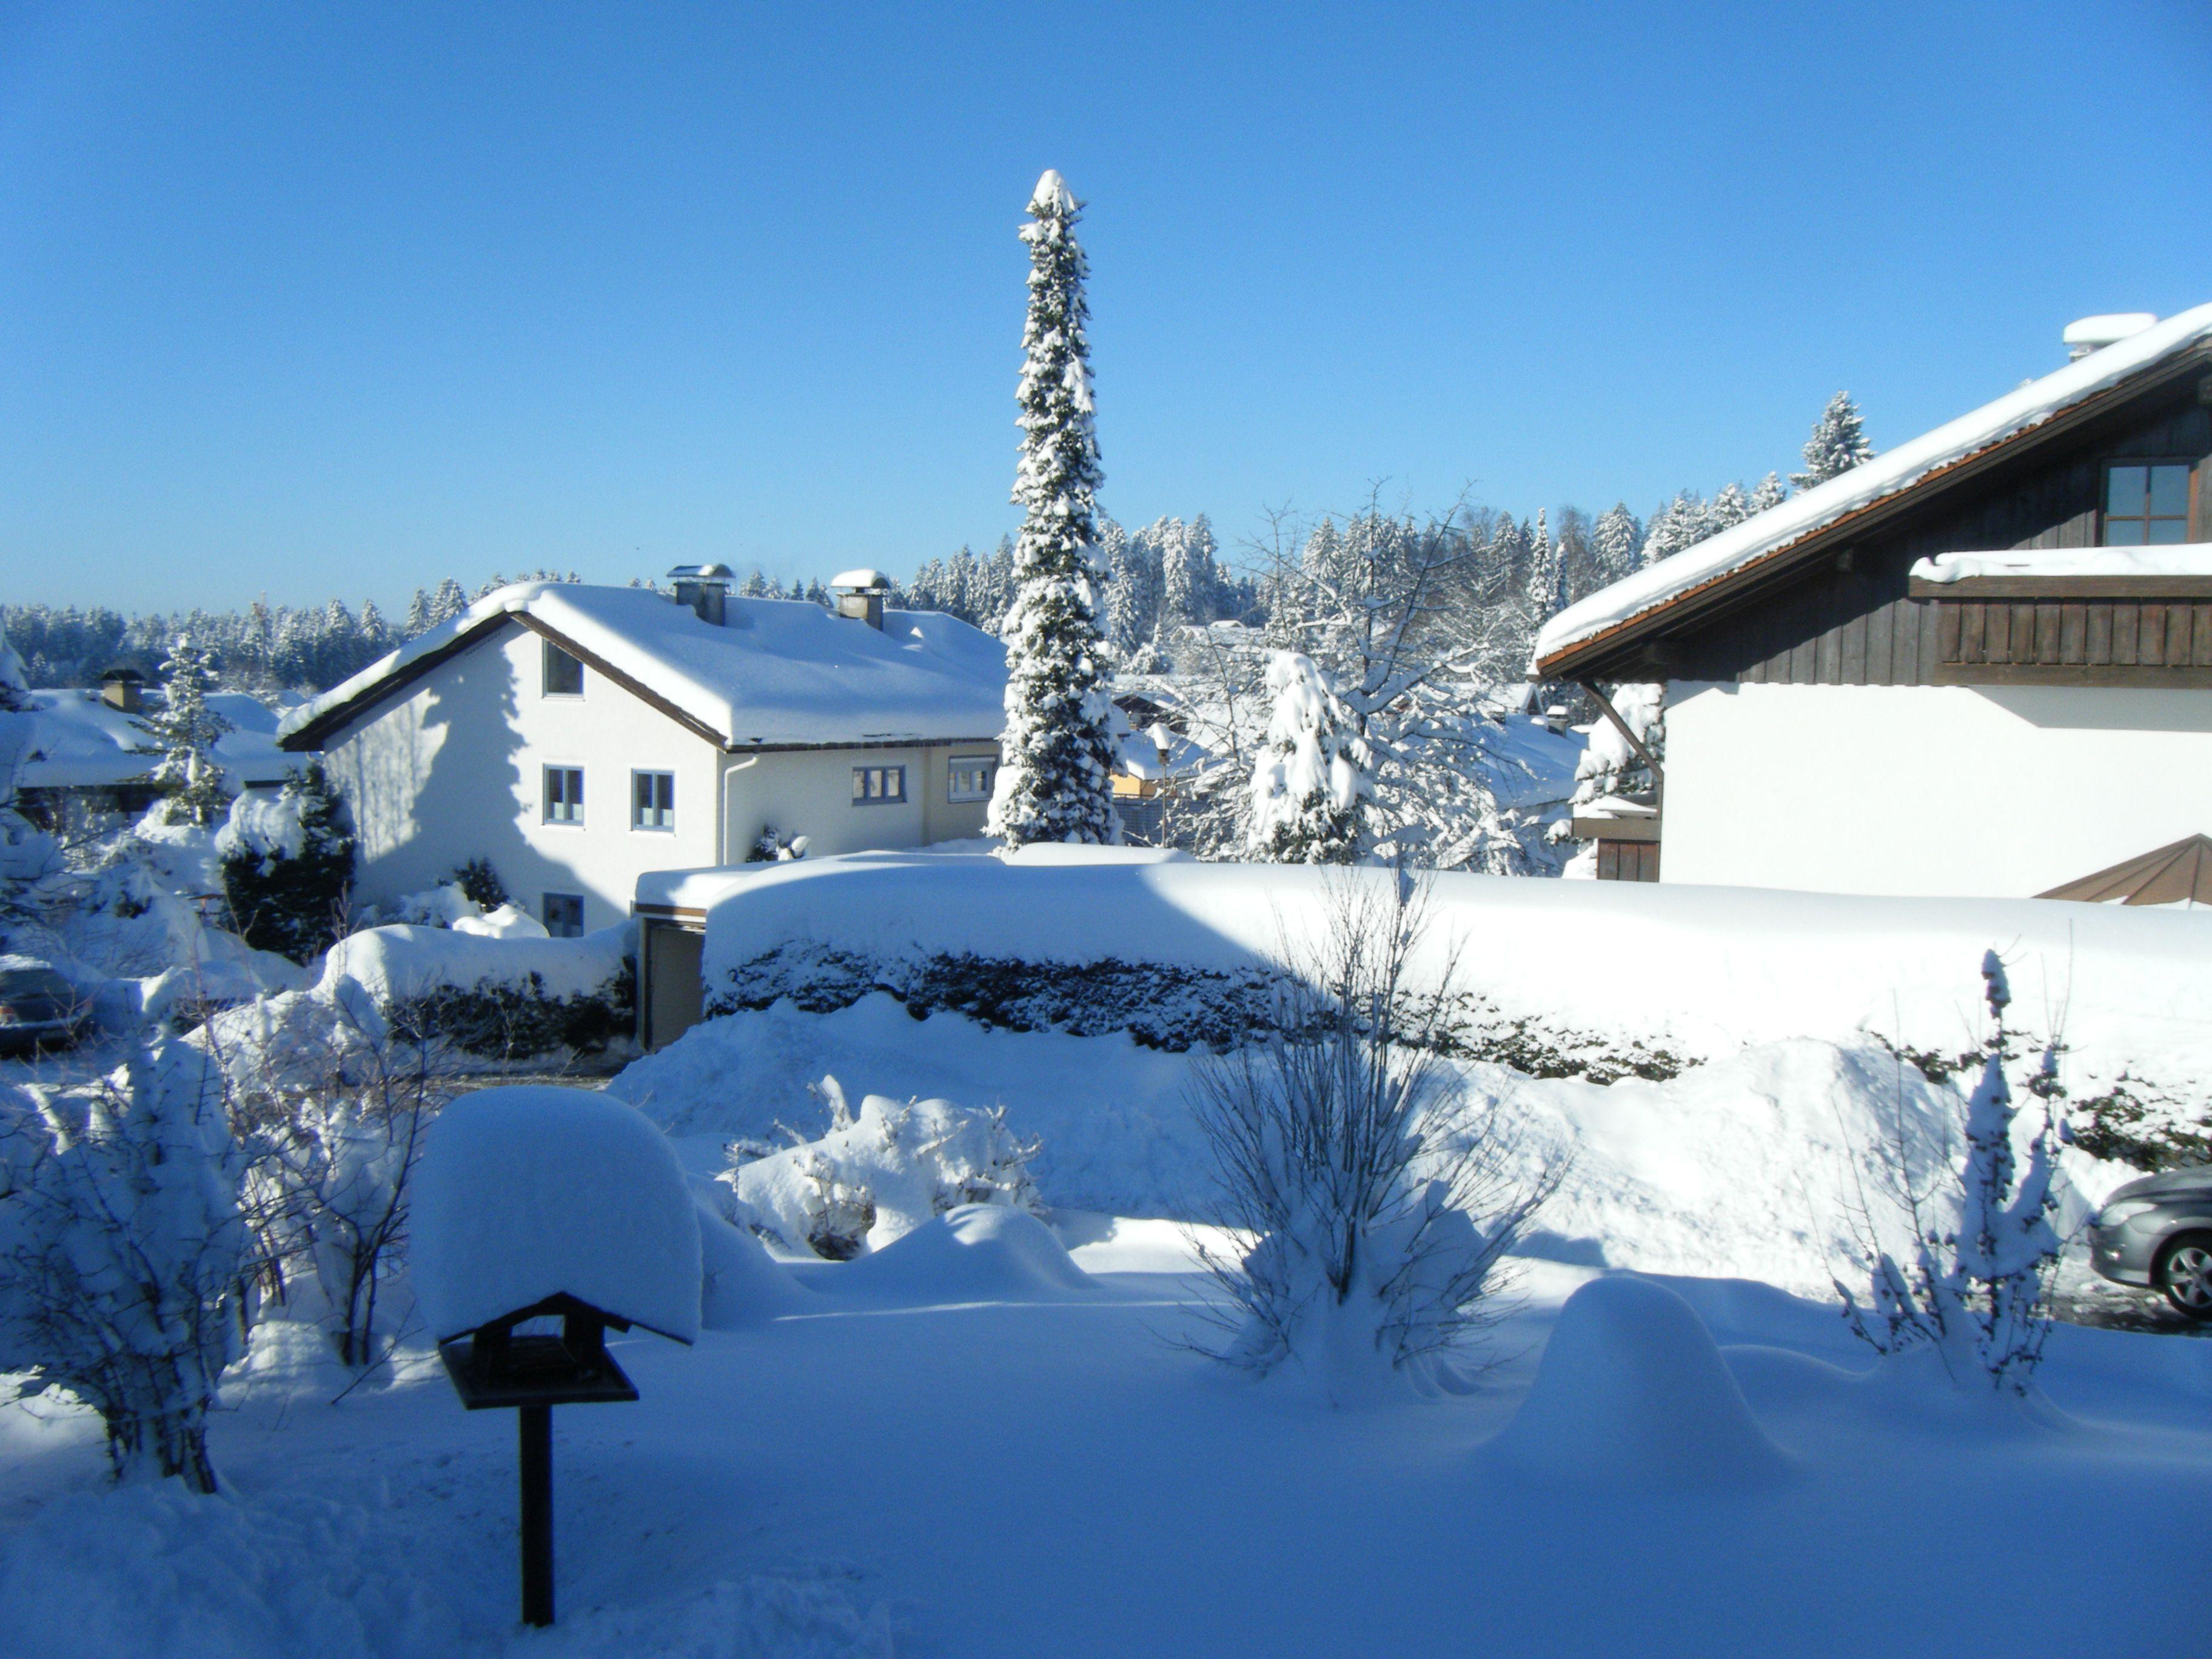 Ferienwohnung Hoffmann, Blick aus dem Fenster